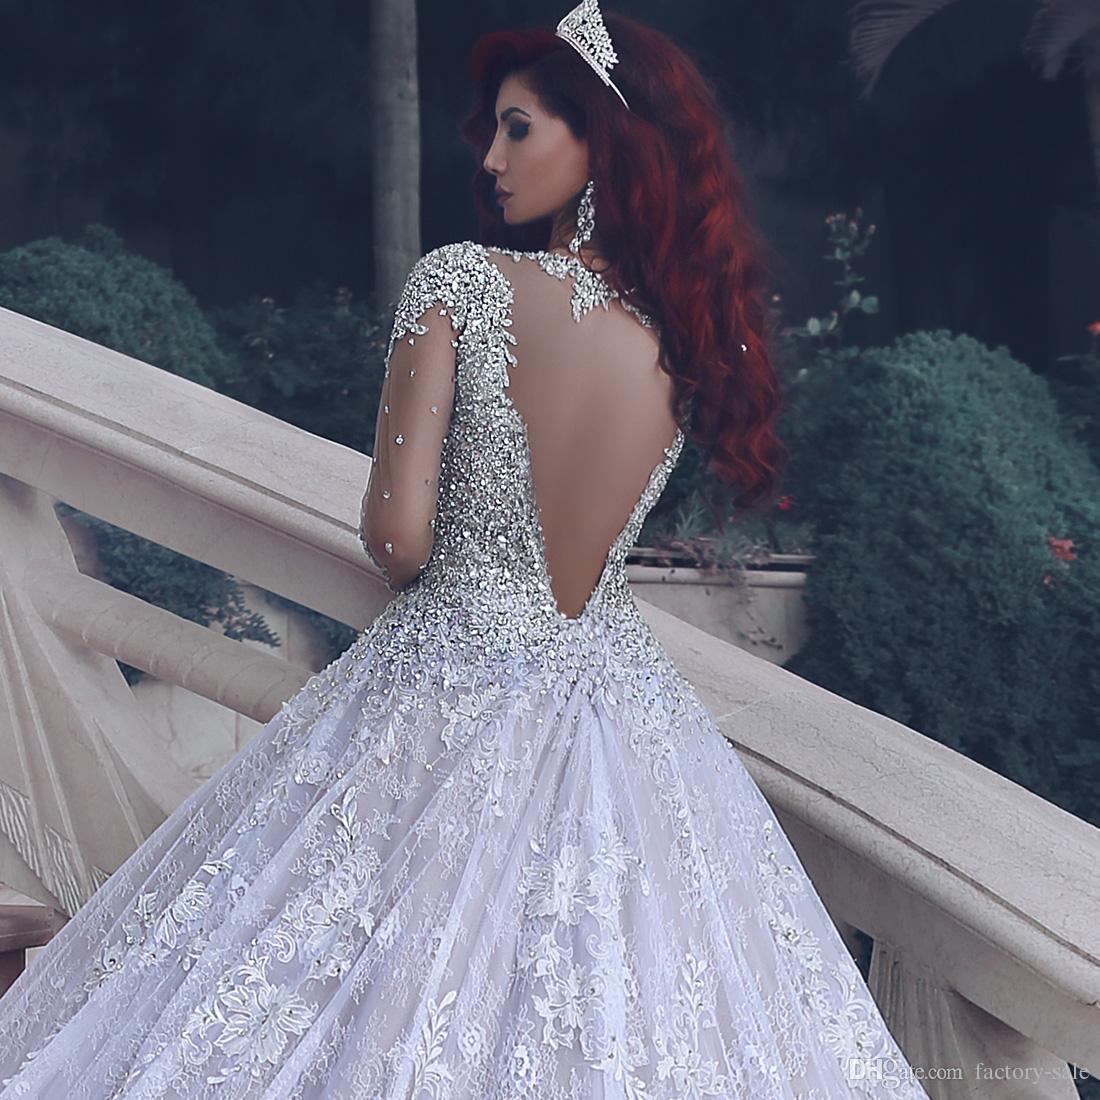 Luxus Perlen Kristalle Arabisch Dubai Brautkleider Eine Linie Sheer Jewel Neck Long Sleeves Appliques Gericht Zug Sagte Mhamad Brautkleider